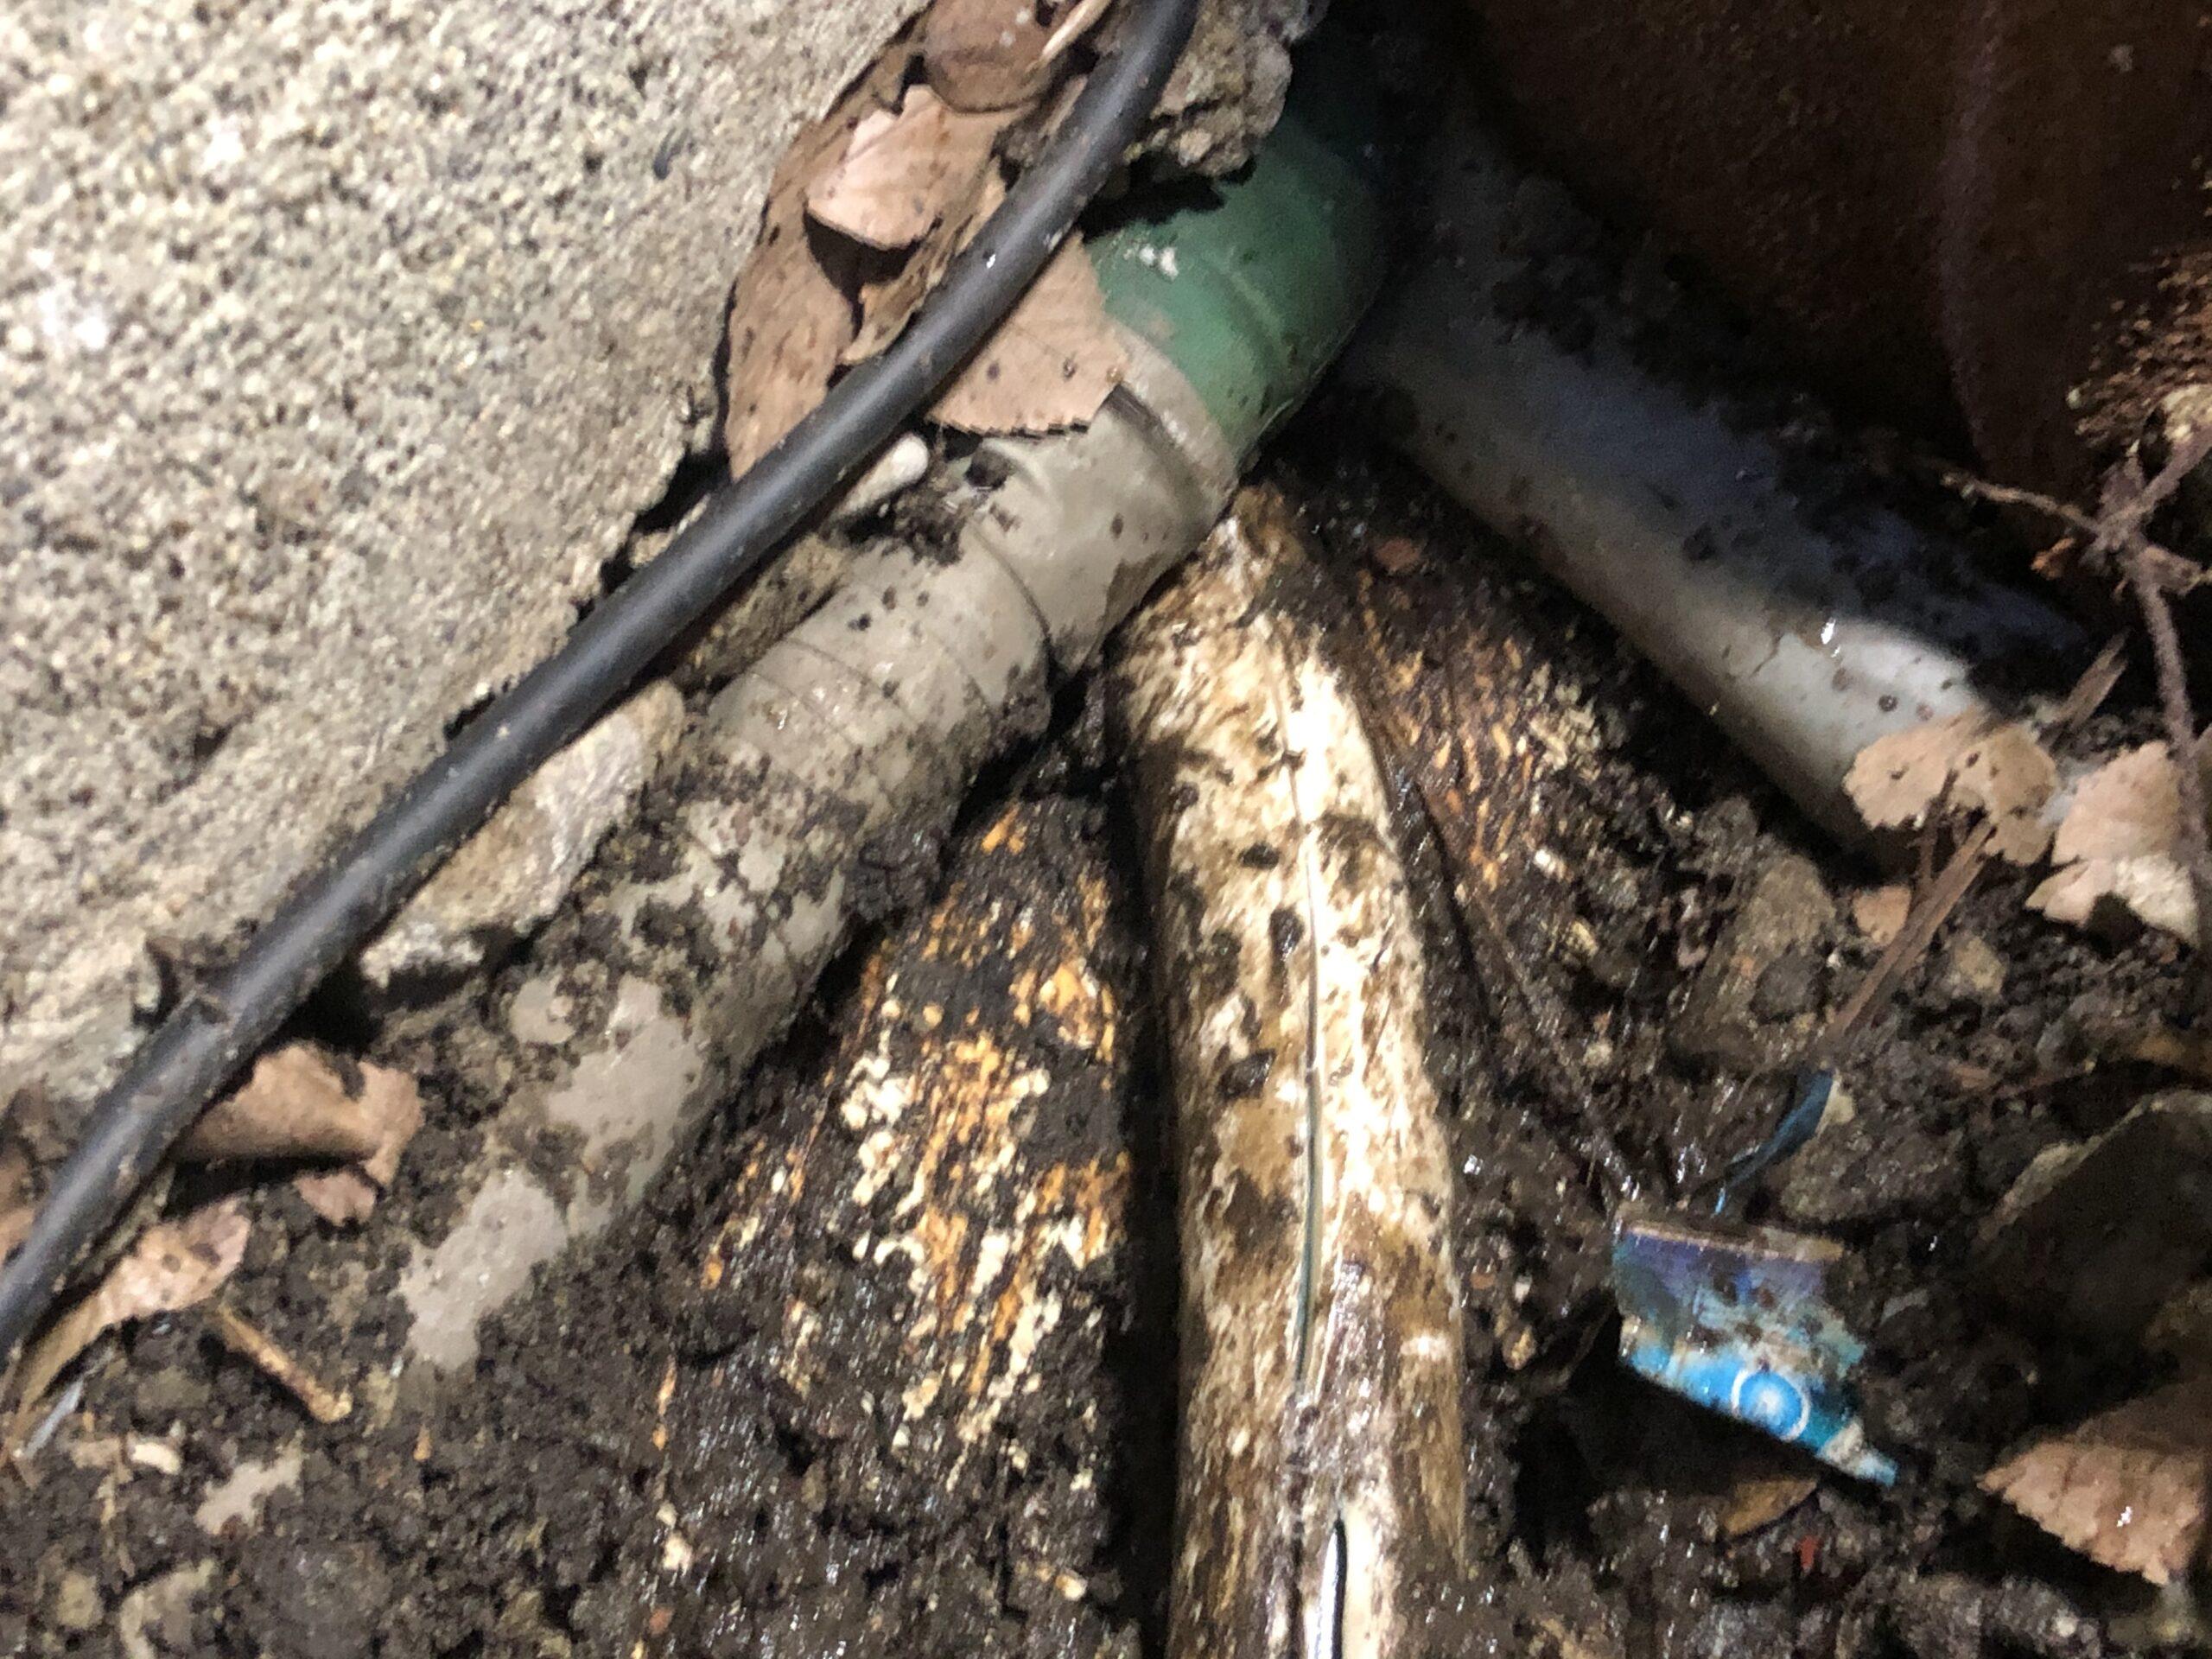 天王寺区 水漏れ修理 施工前②